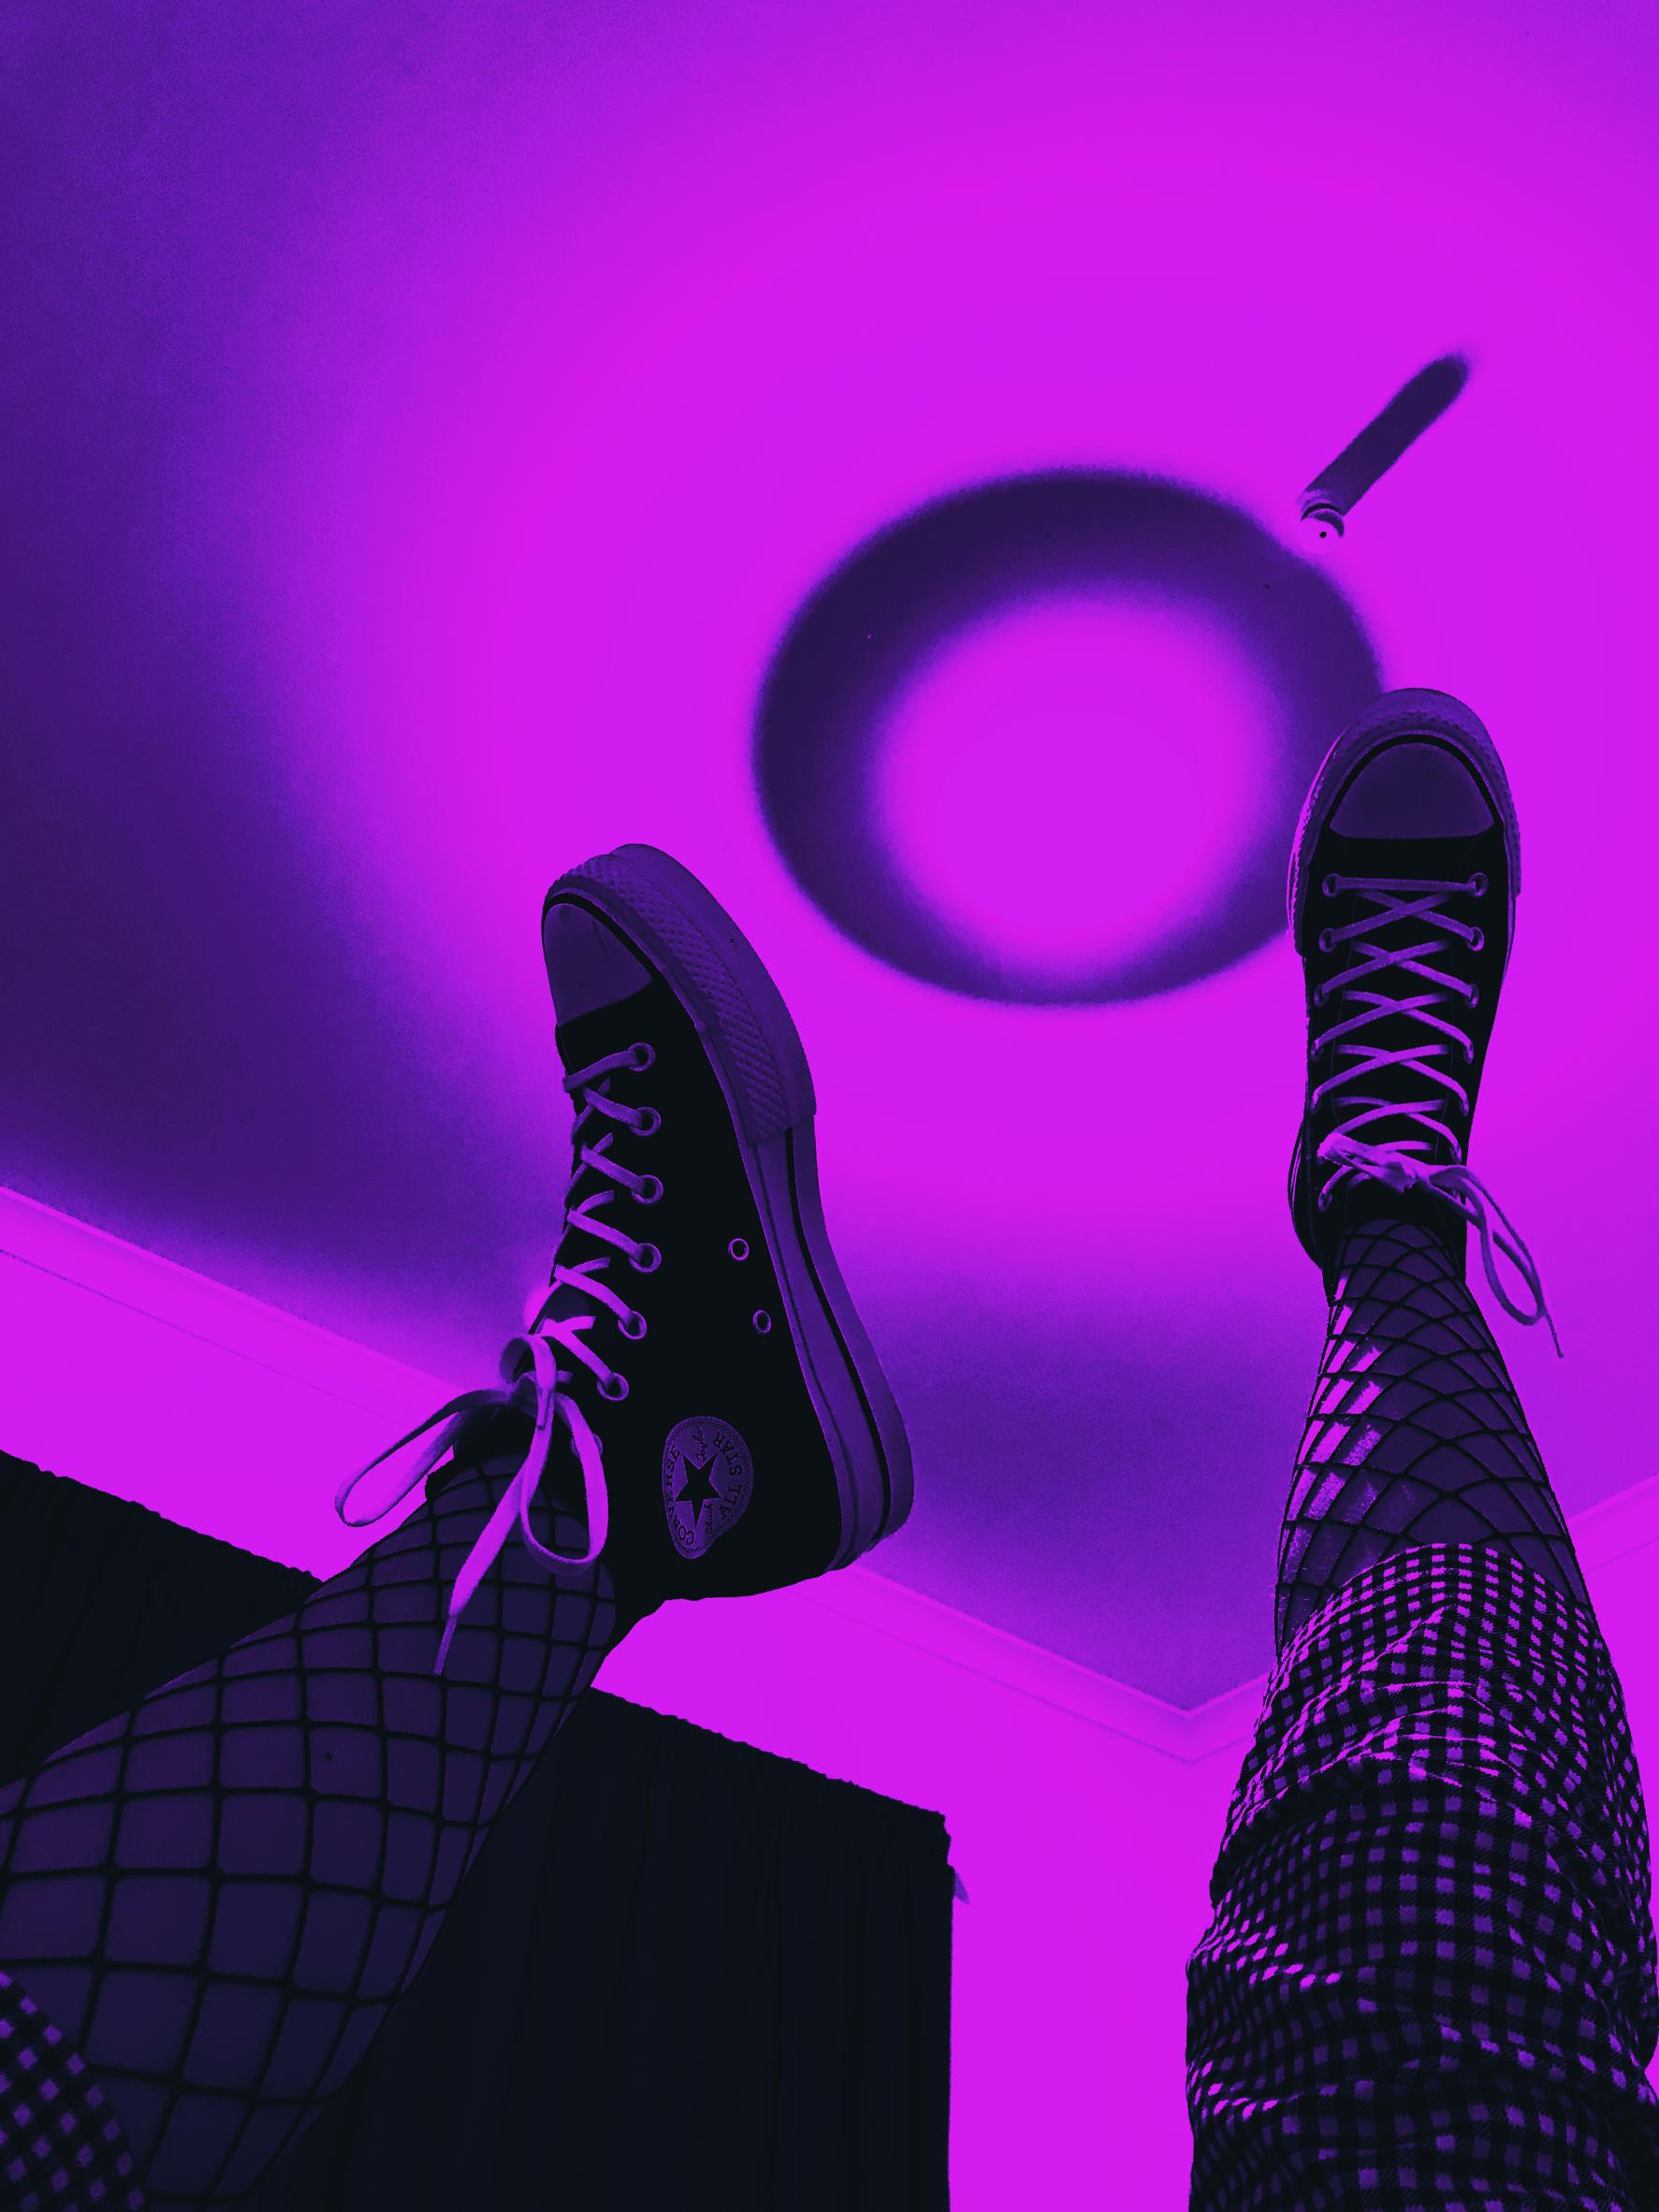 Black Cat Purple Aesthetic